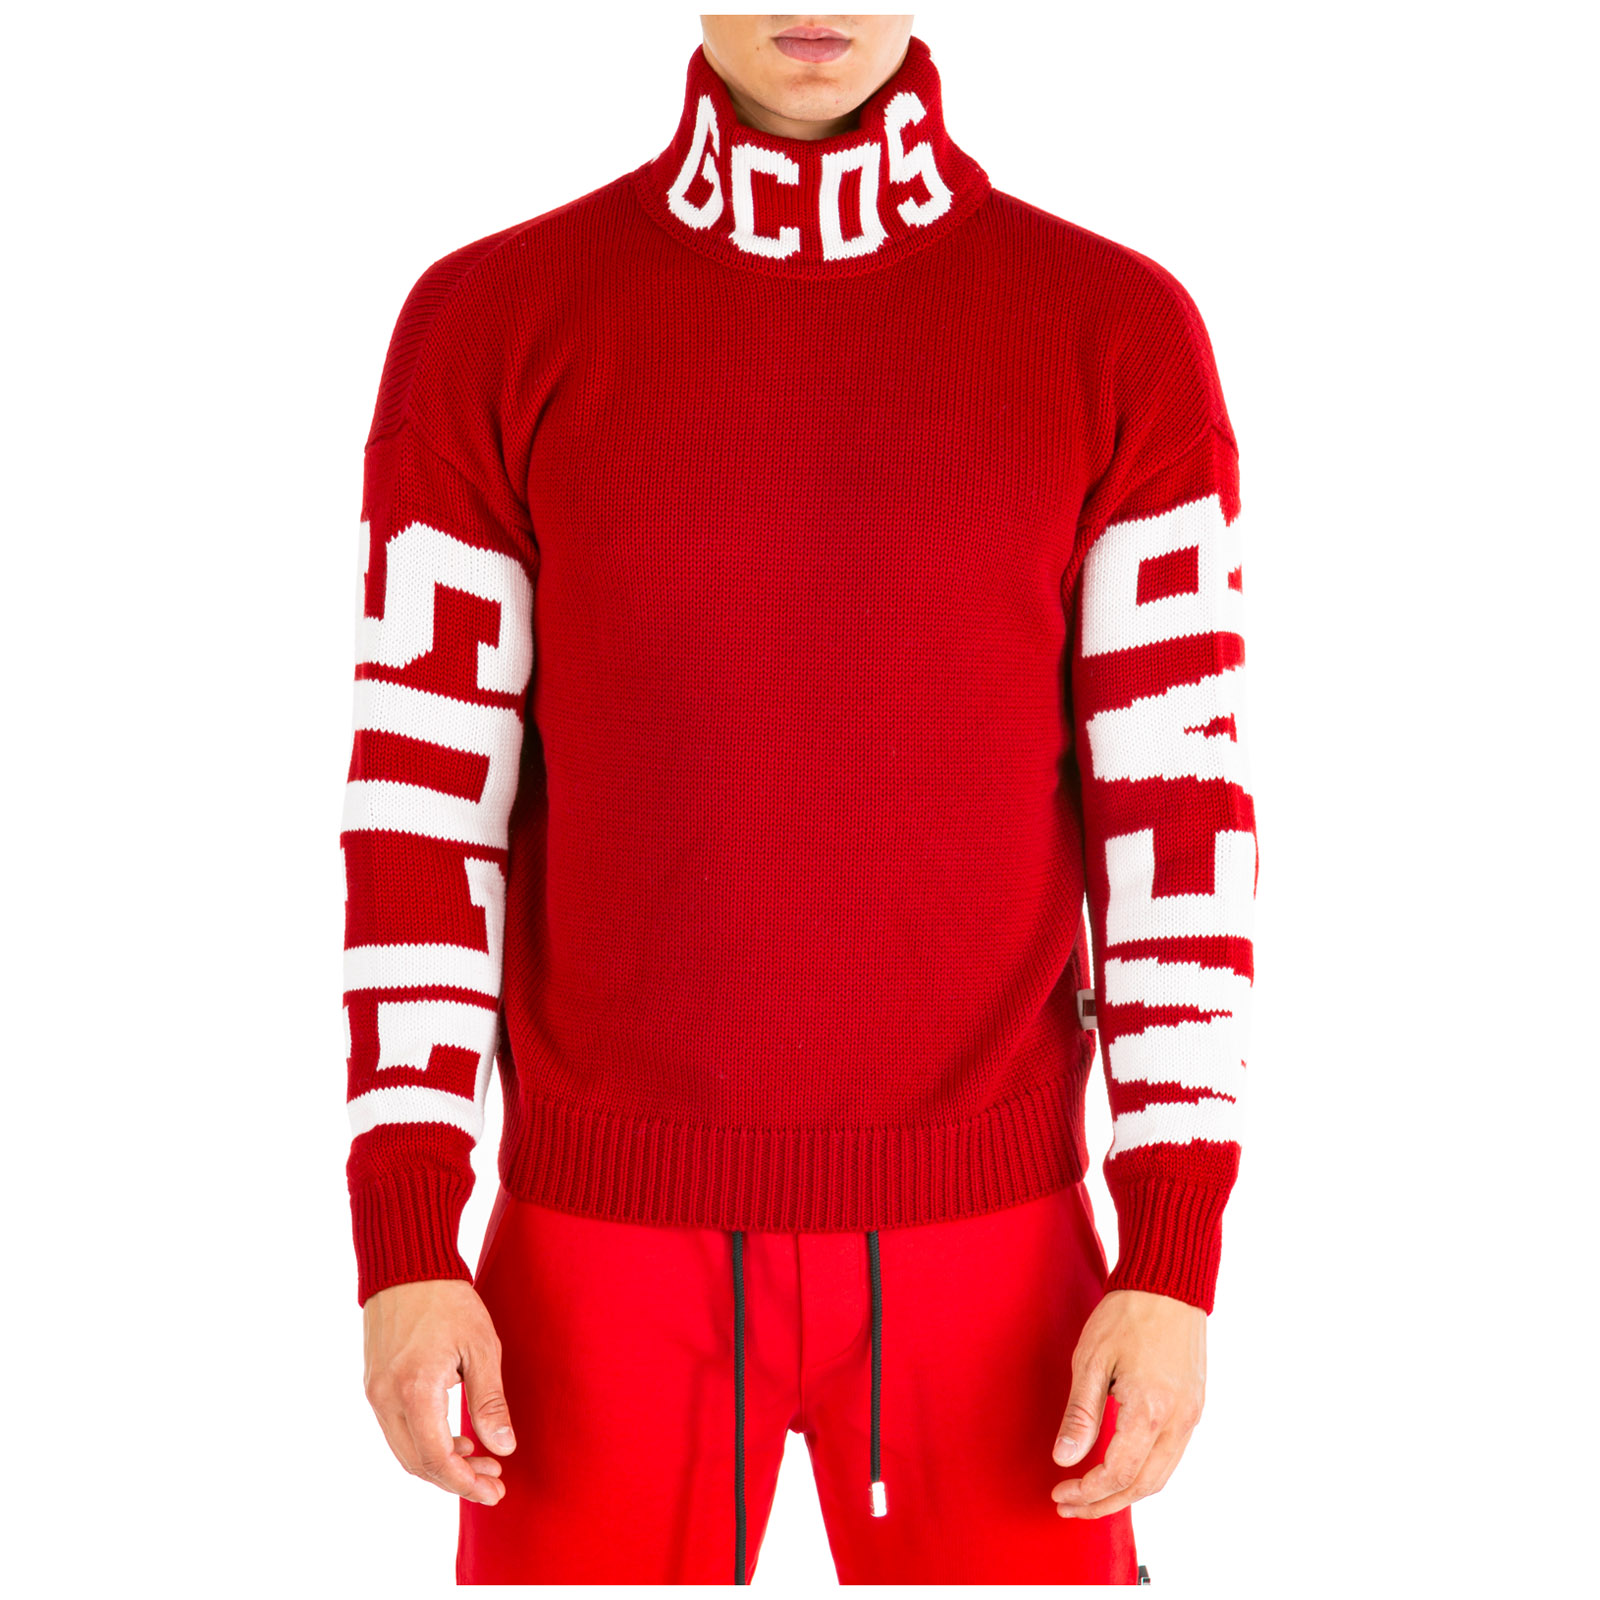 vendita calda online 542dd dcb30 Dolcevita maglione collo alto maglia uomo